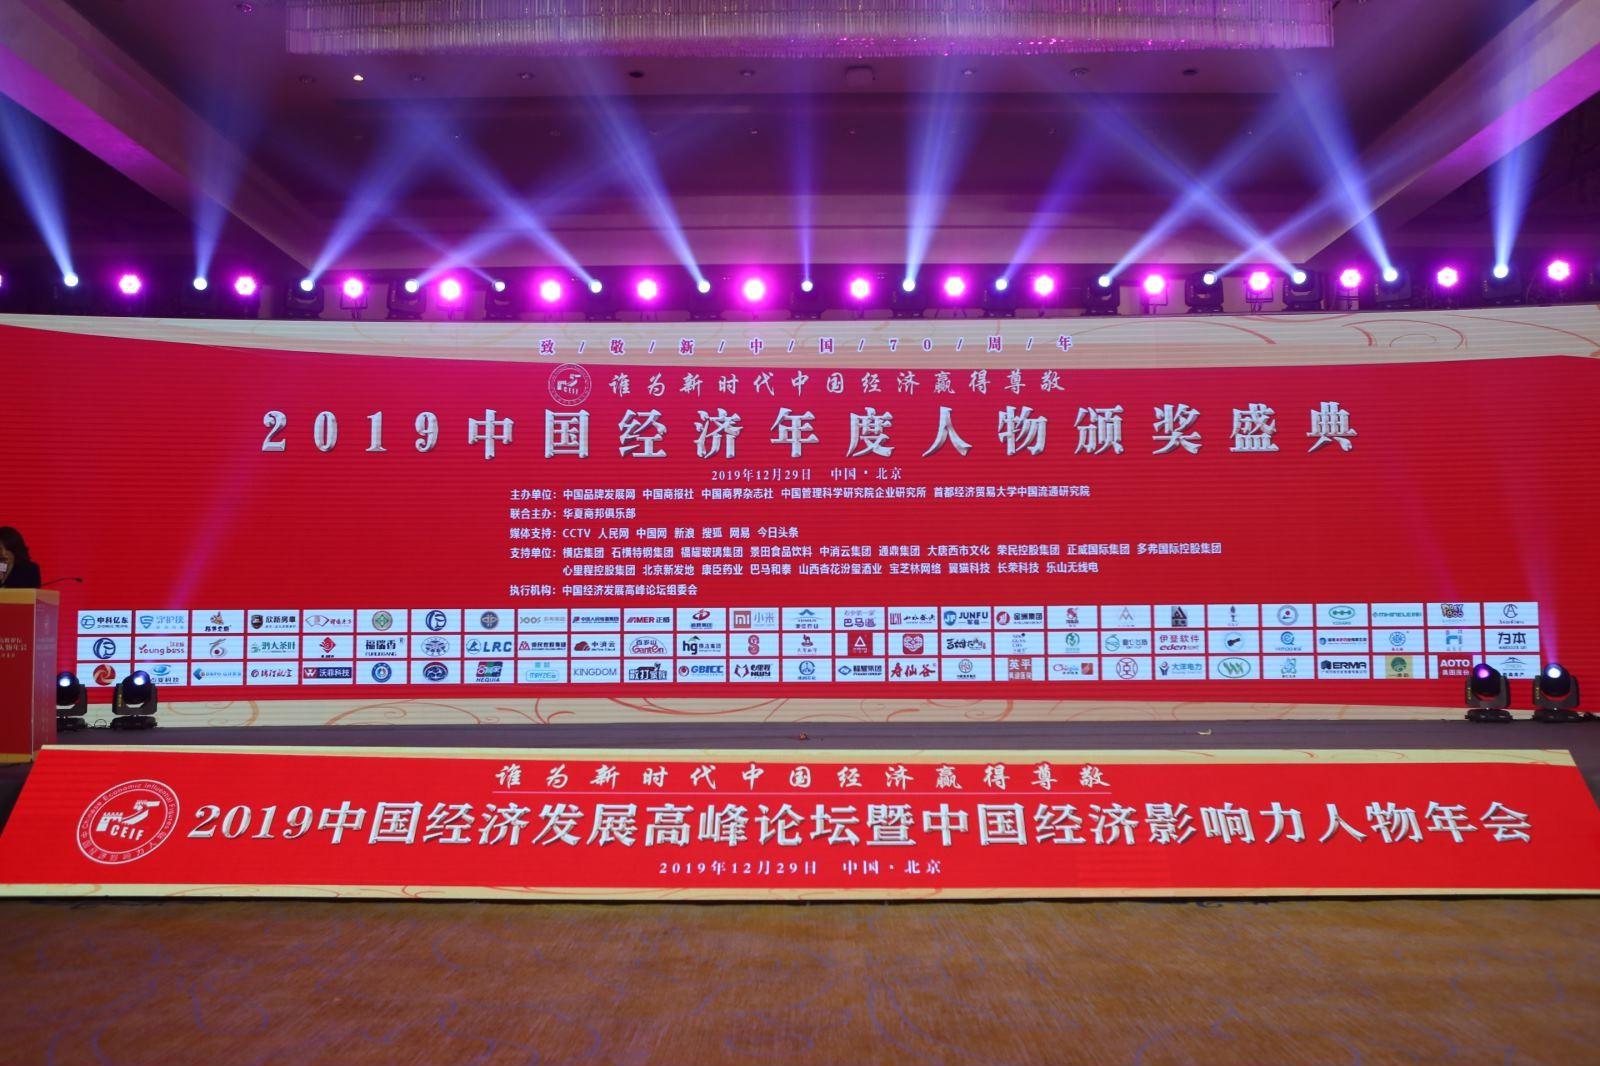 熱烈祝賀!北京中住建業技術培訓中心張光平榮獲2019中國經濟新銳人物稱號